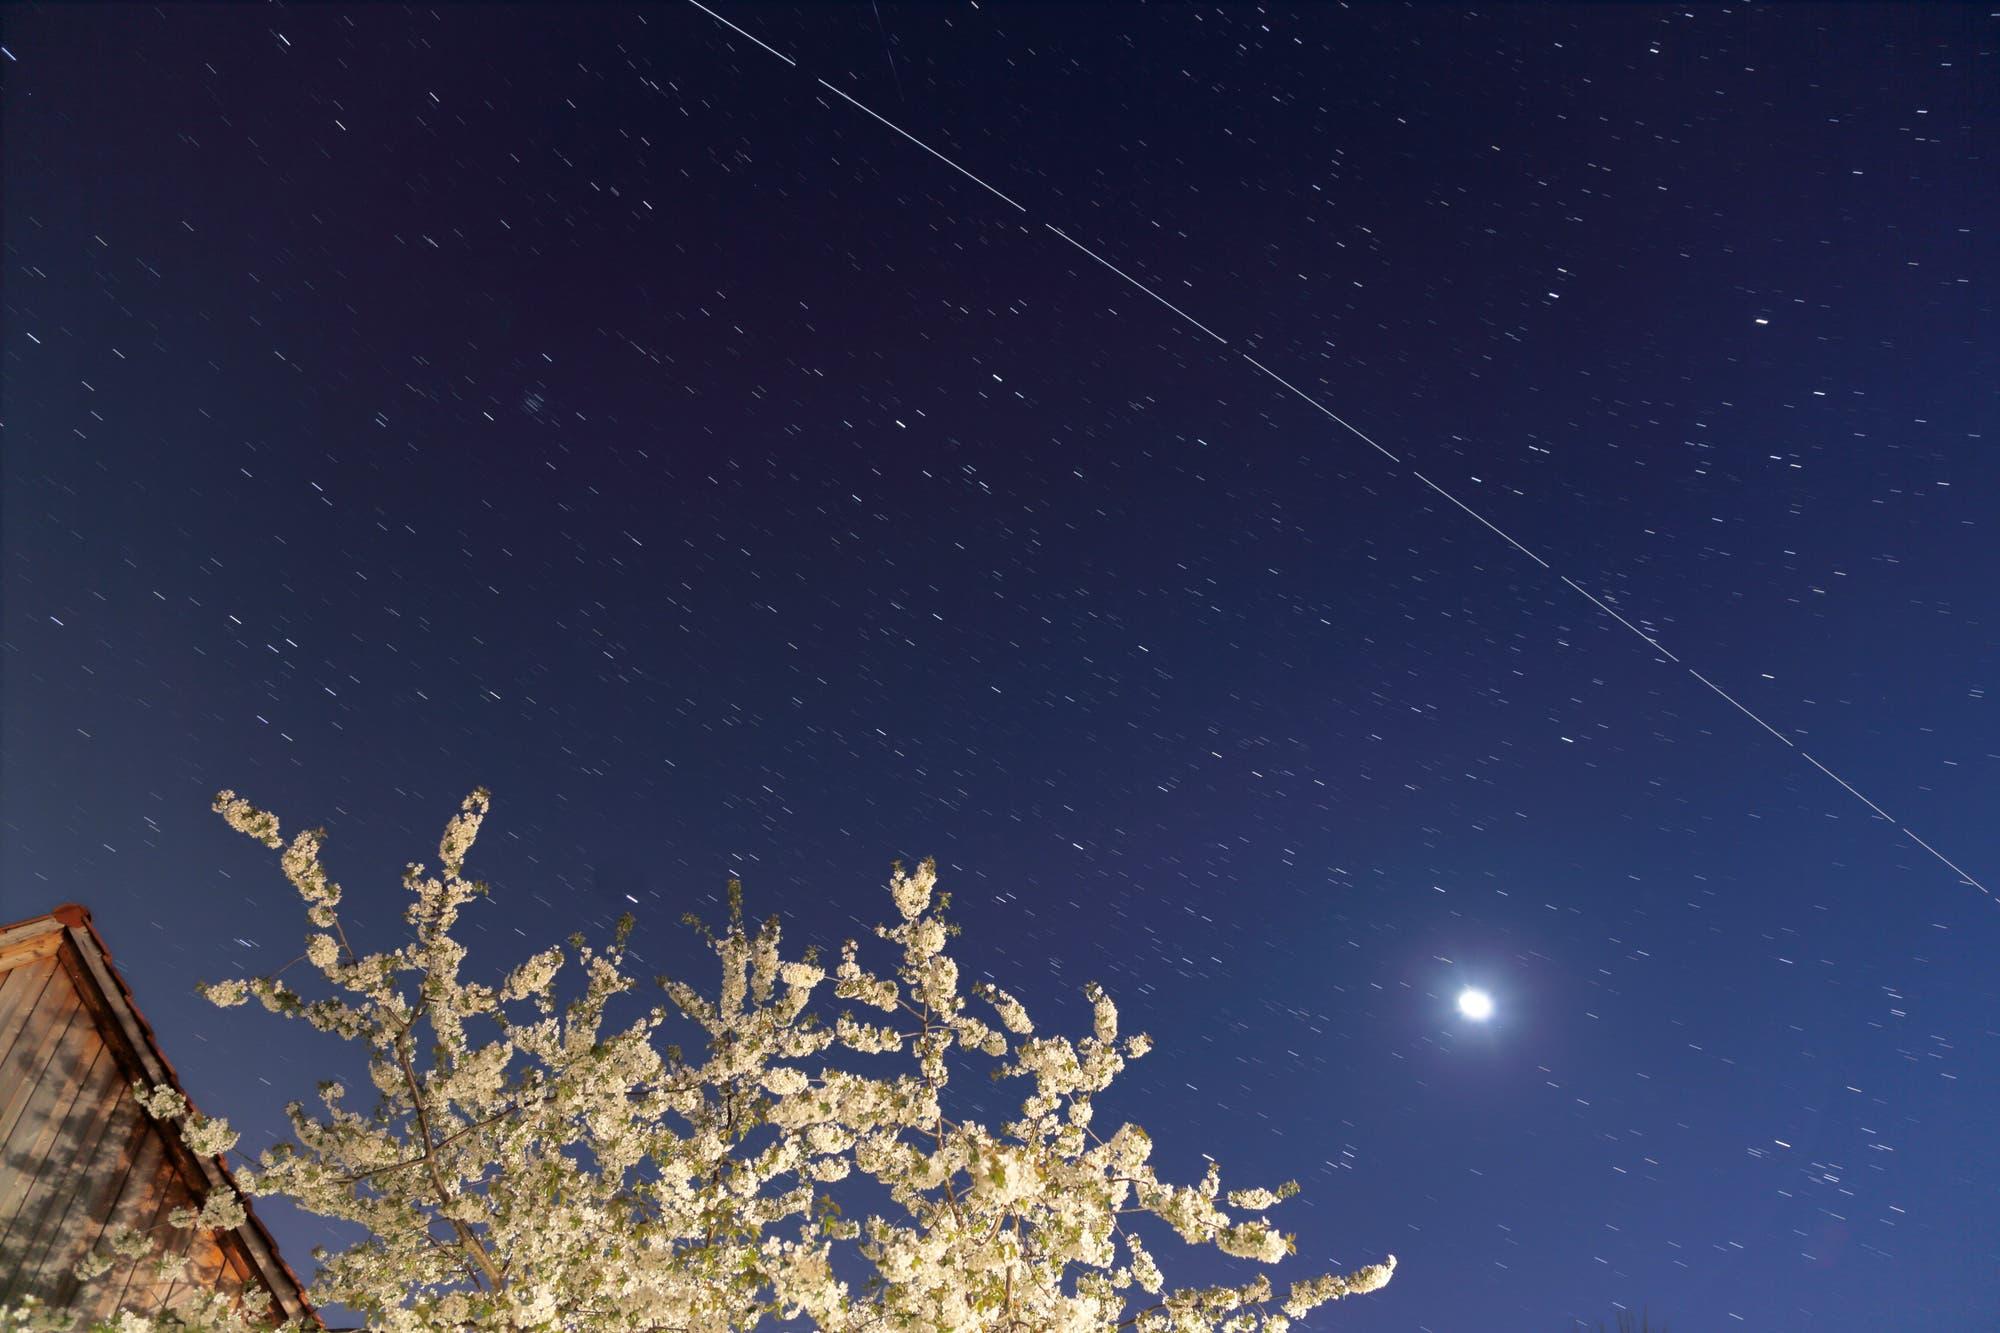 Die Internationale Raumstation ISS zieht über den Himmel